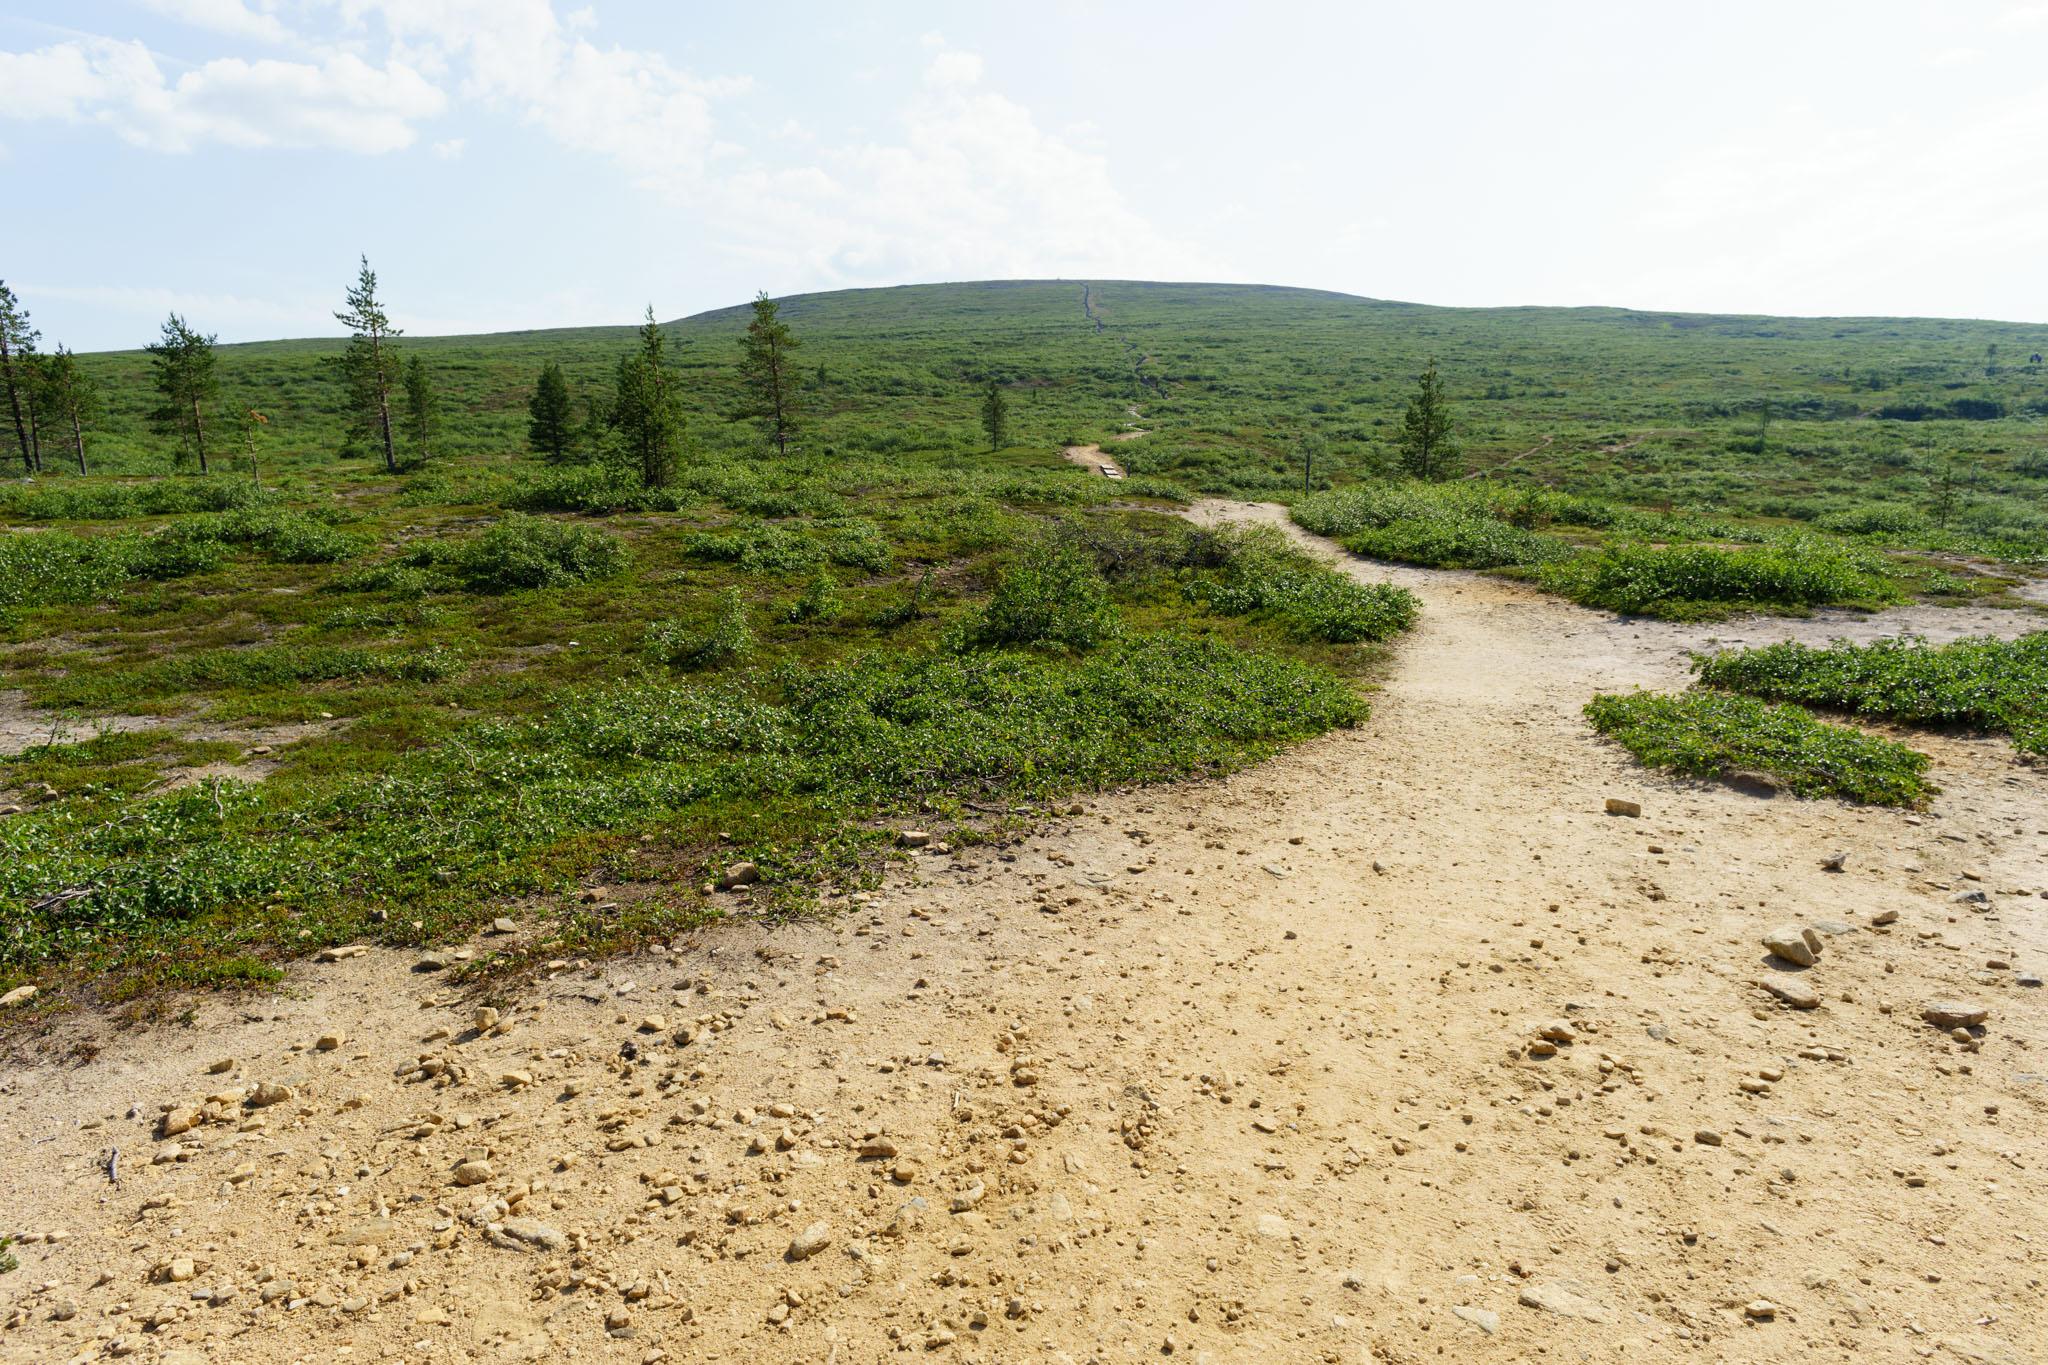 Wanderung zum Kiilopää